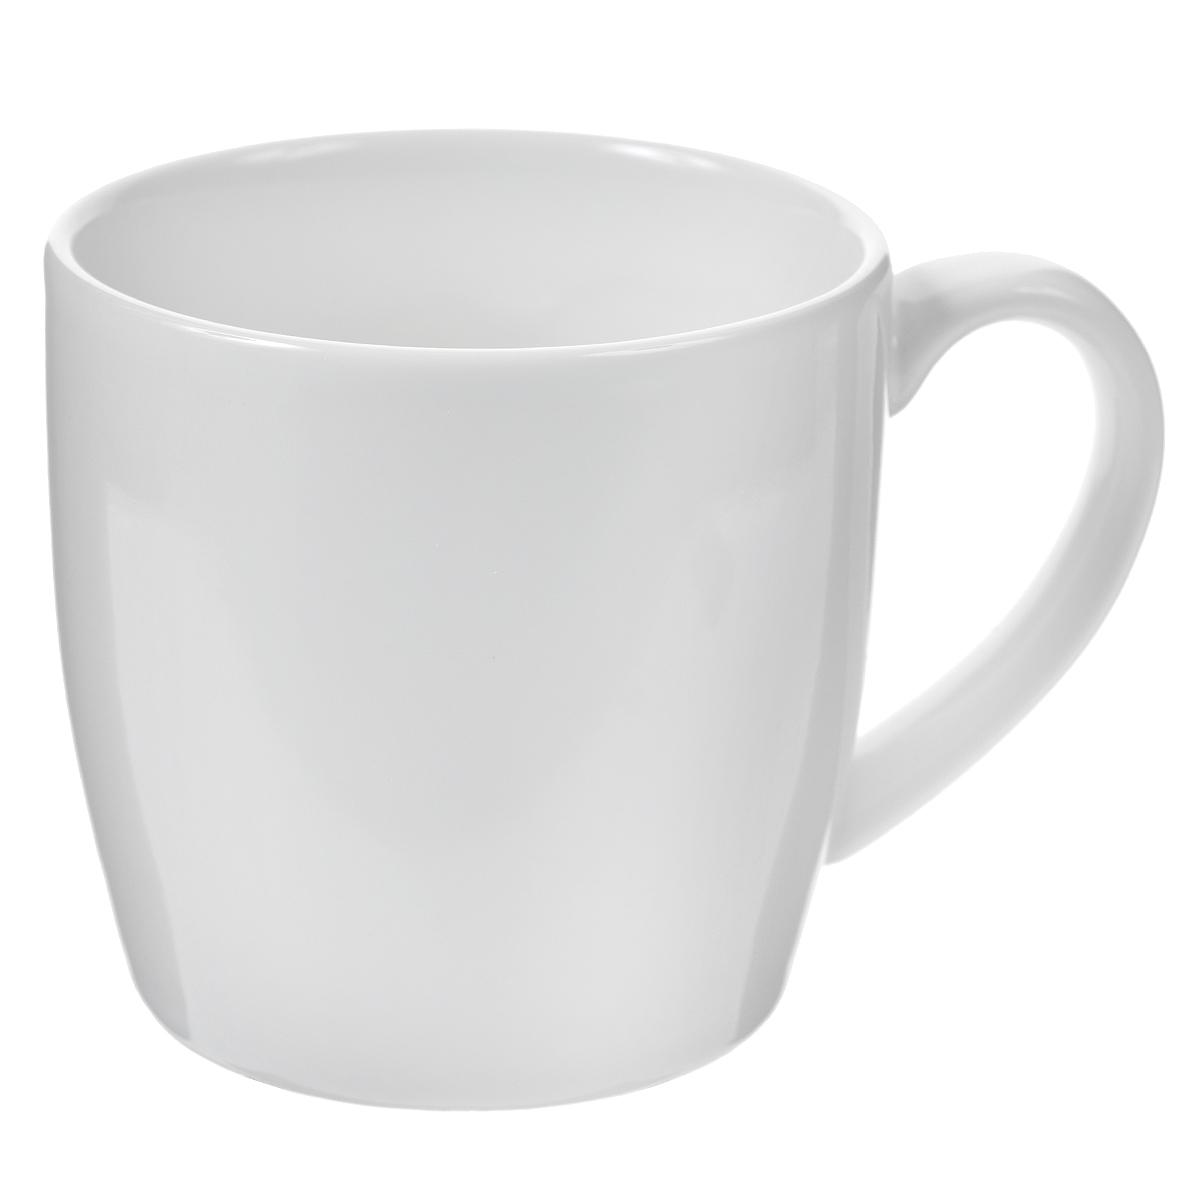 Кружка с сюрпризом Осминог, цвет: белый. 003178003178Оригинальная кружка Осминог выполнена из керамики. На дне кружки находится фигура в виде осминога.Такая кружка станет не только приятным, но и практичным сувениром, а оригинальный дизайн вызовет улыбку. Характеристики:Материал:керамика. Высота кружки:8,5 см. Диаметр по верхнему краю: 8,5 см. Размер упаковки:12,5 см х 9,5 см х 9,5 см. Артикул: 003178.